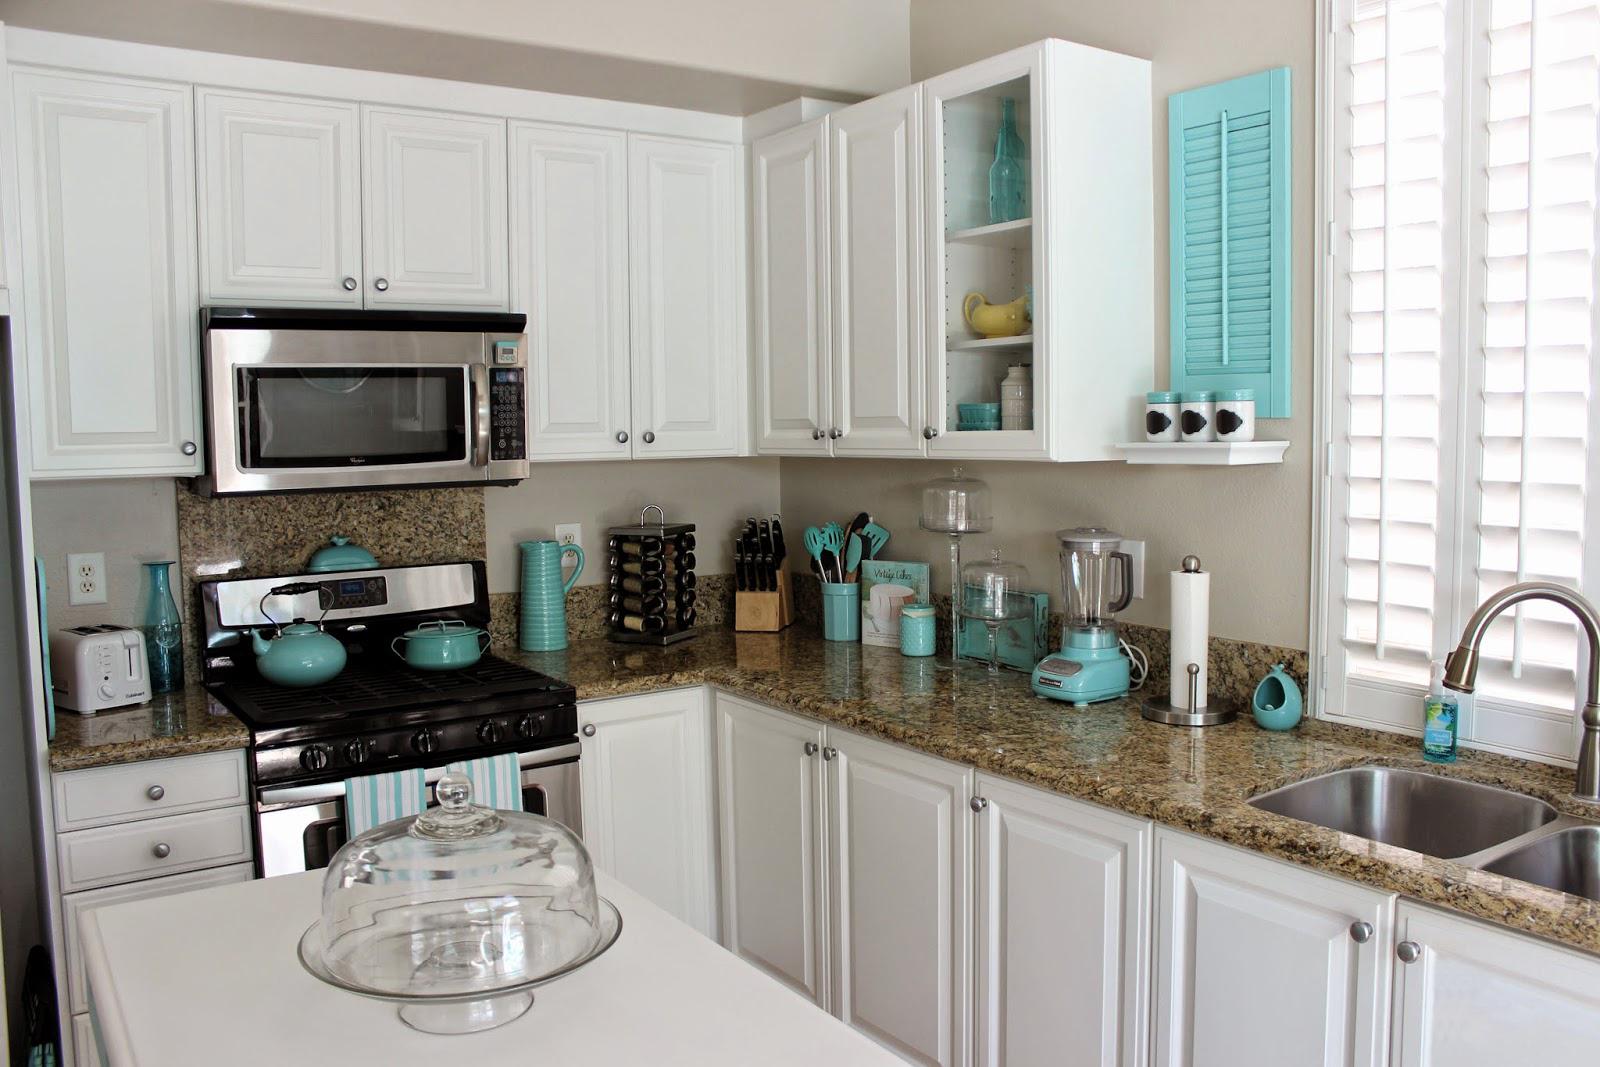 蓝色,新美式风格设计,橱柜厨房